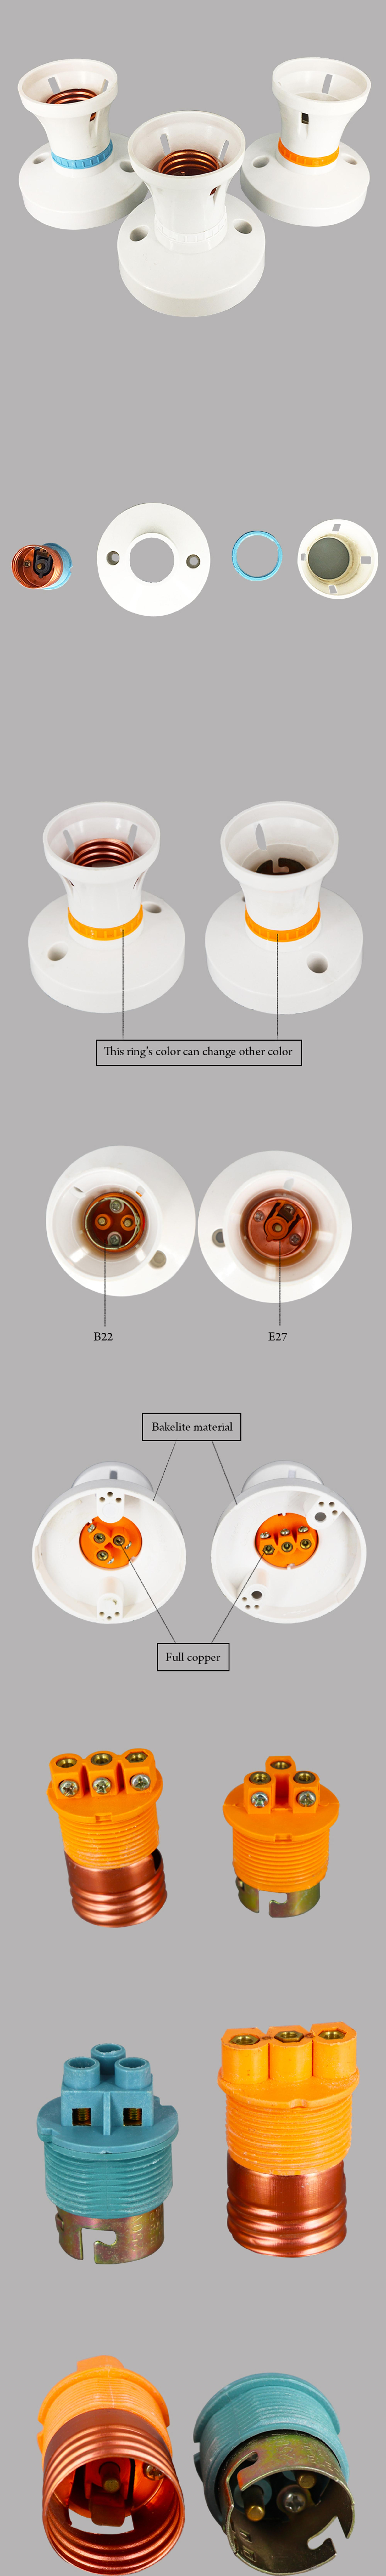 W&B Brand Copper Good Quality Screw Base Lamp Bulb Straight Holder Lamp Holder E27